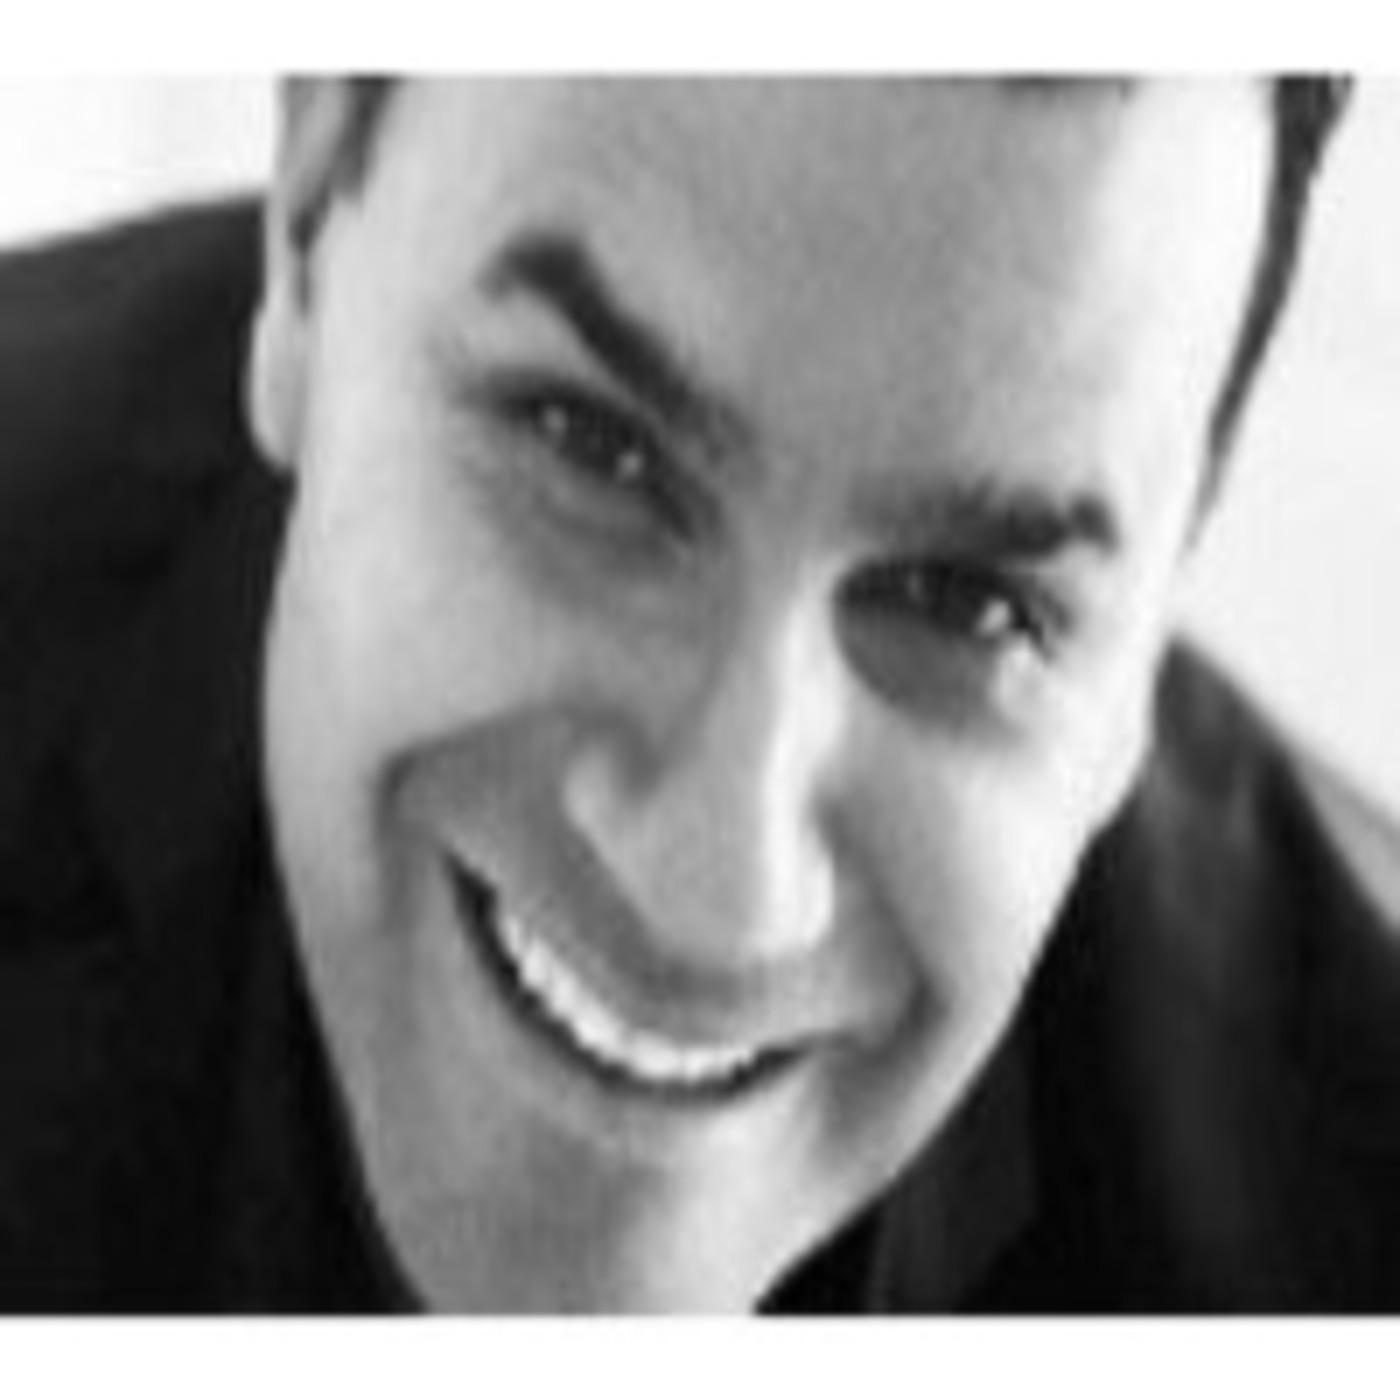 Forjando el caracter- Dr. Jose Bobadilla